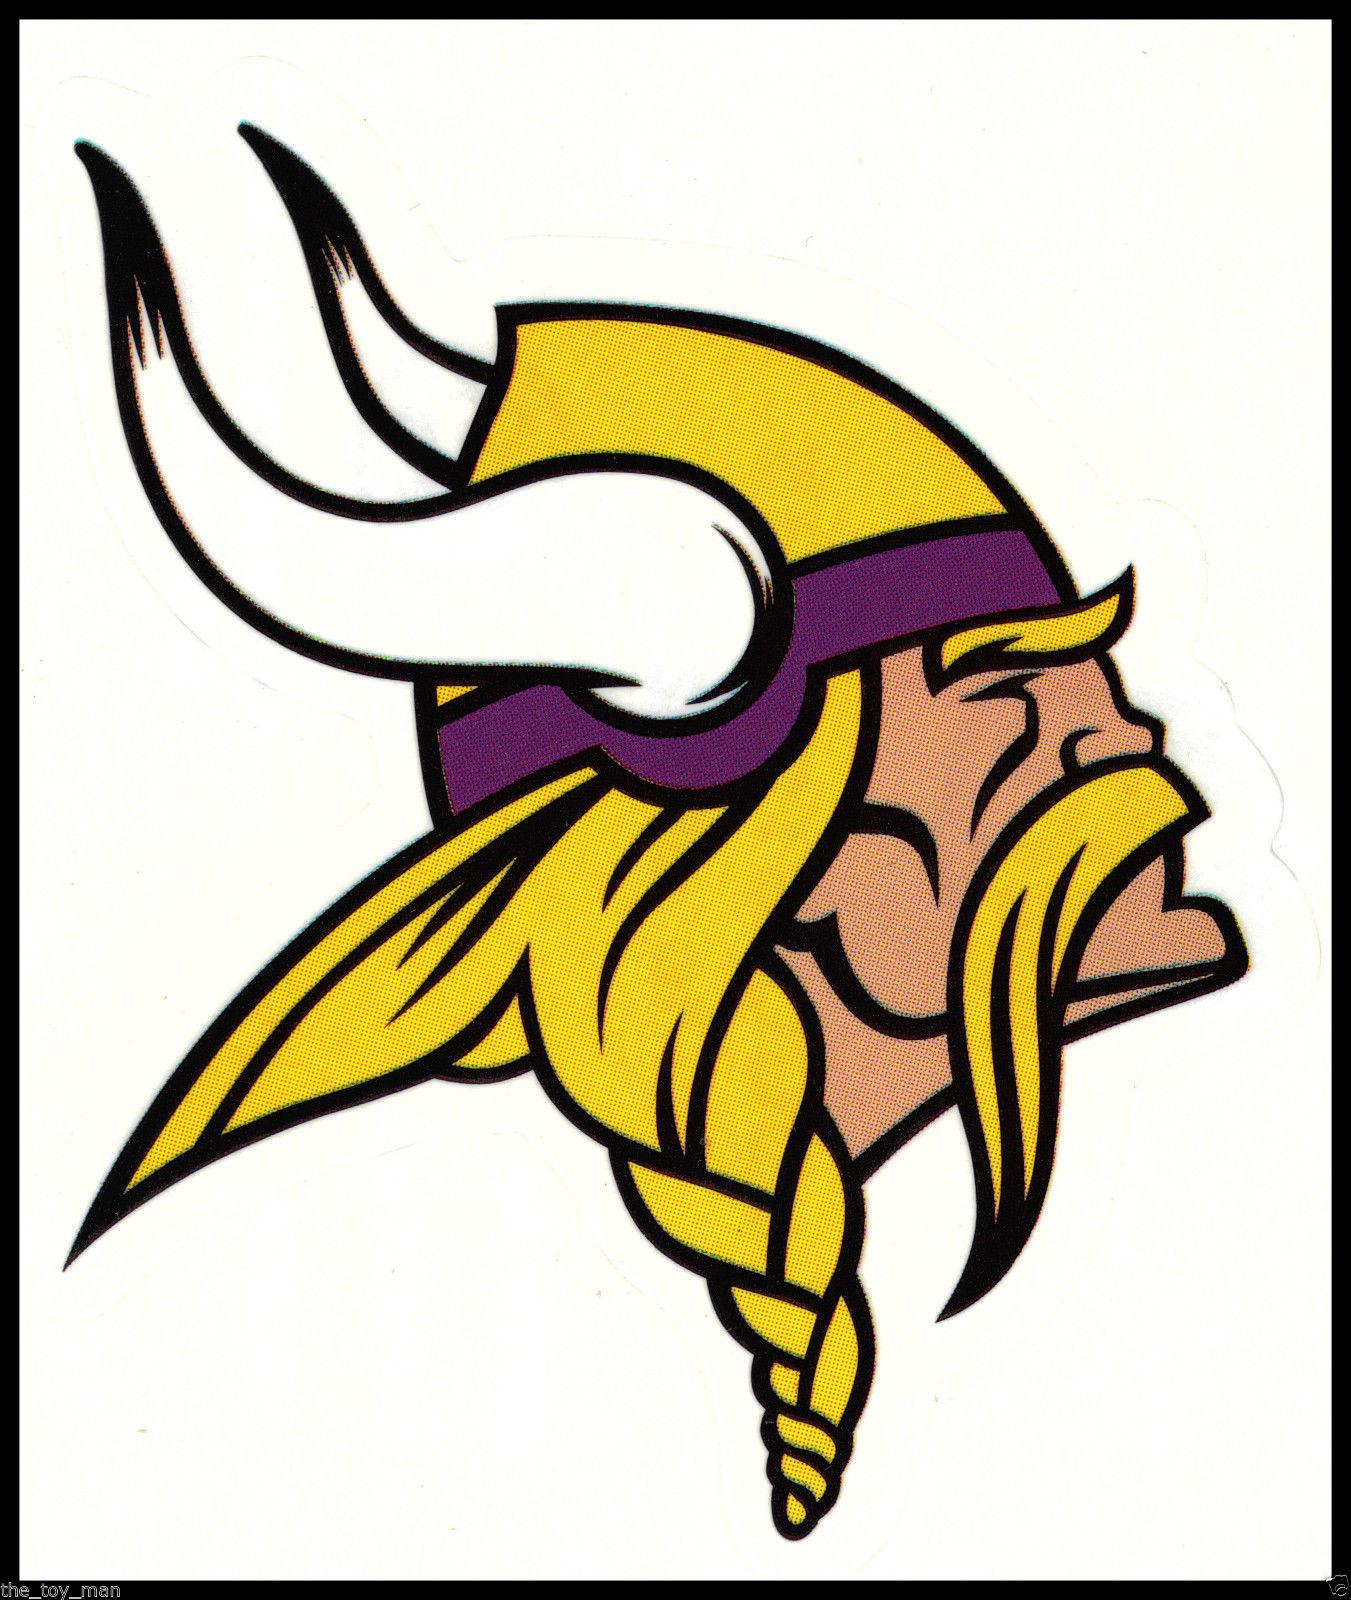 1351x1600 Minnesota Vikings Nfl Team Logo License Football Indoor Decal